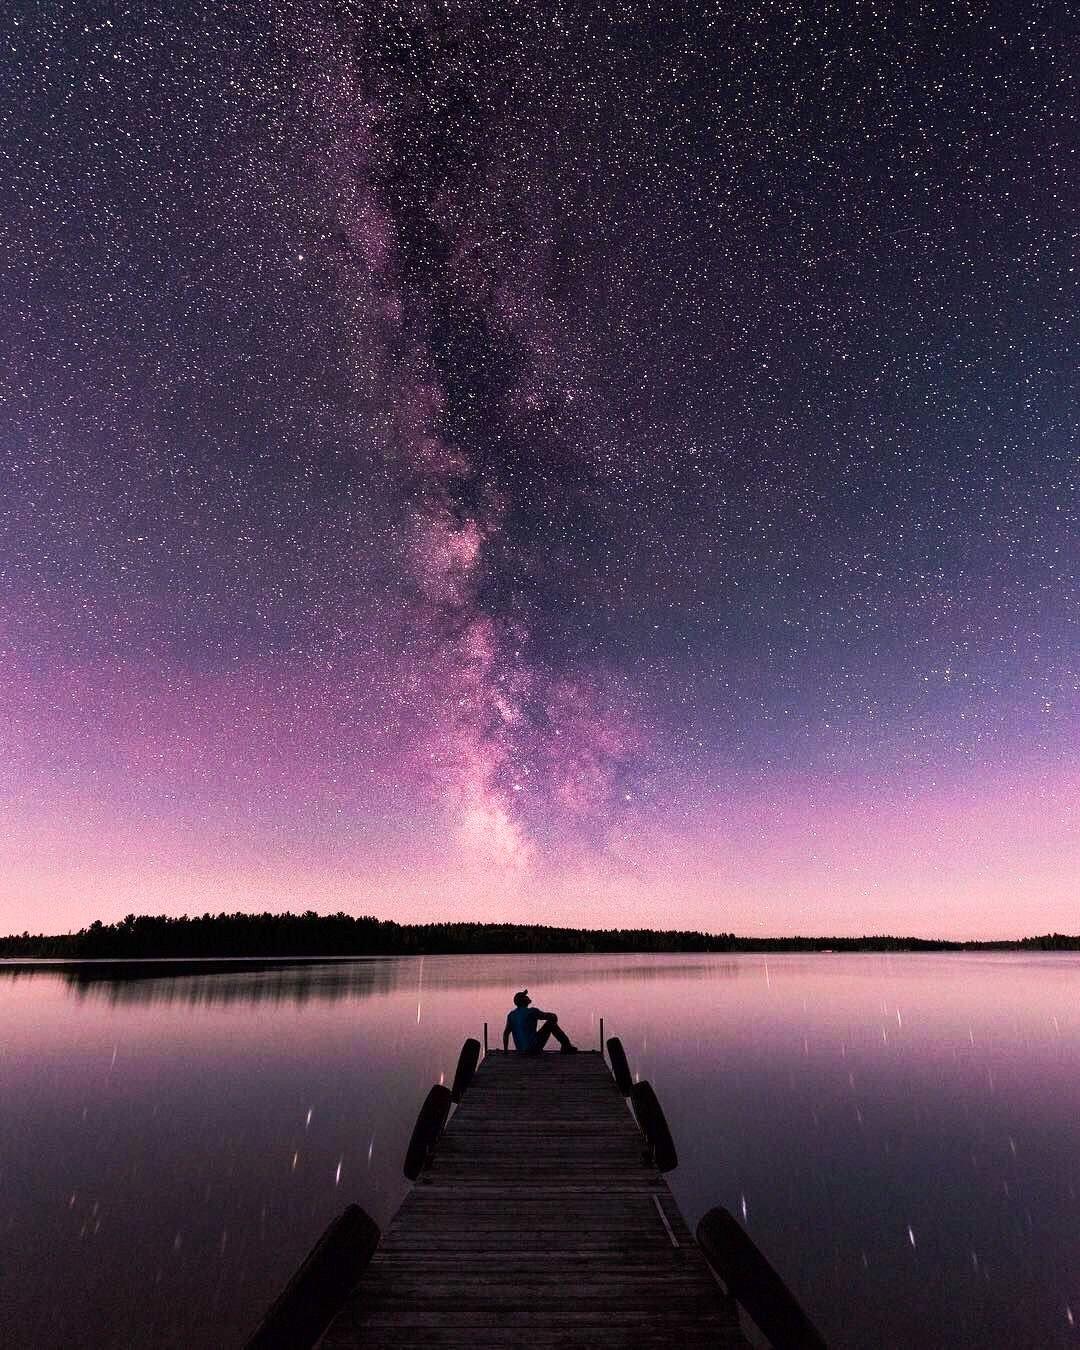 Under the stars on a summer night (Atikokan, Ontario) by